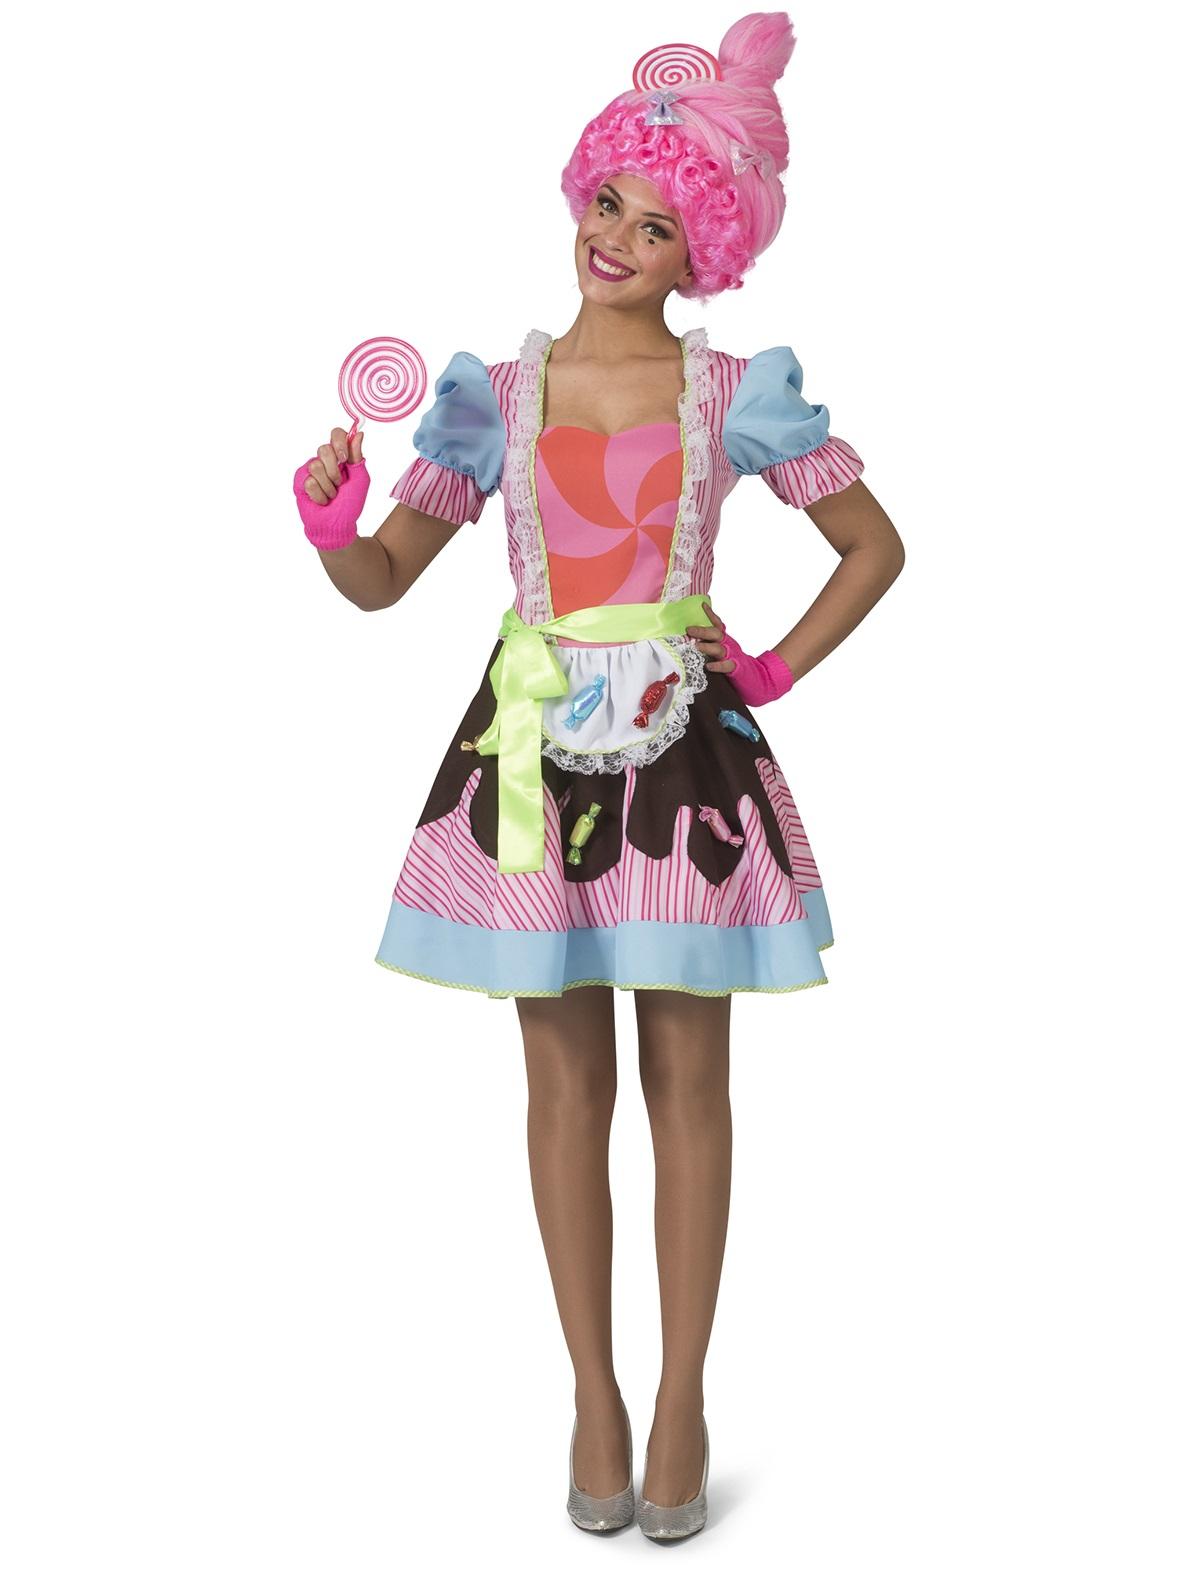 Candy Christy lady